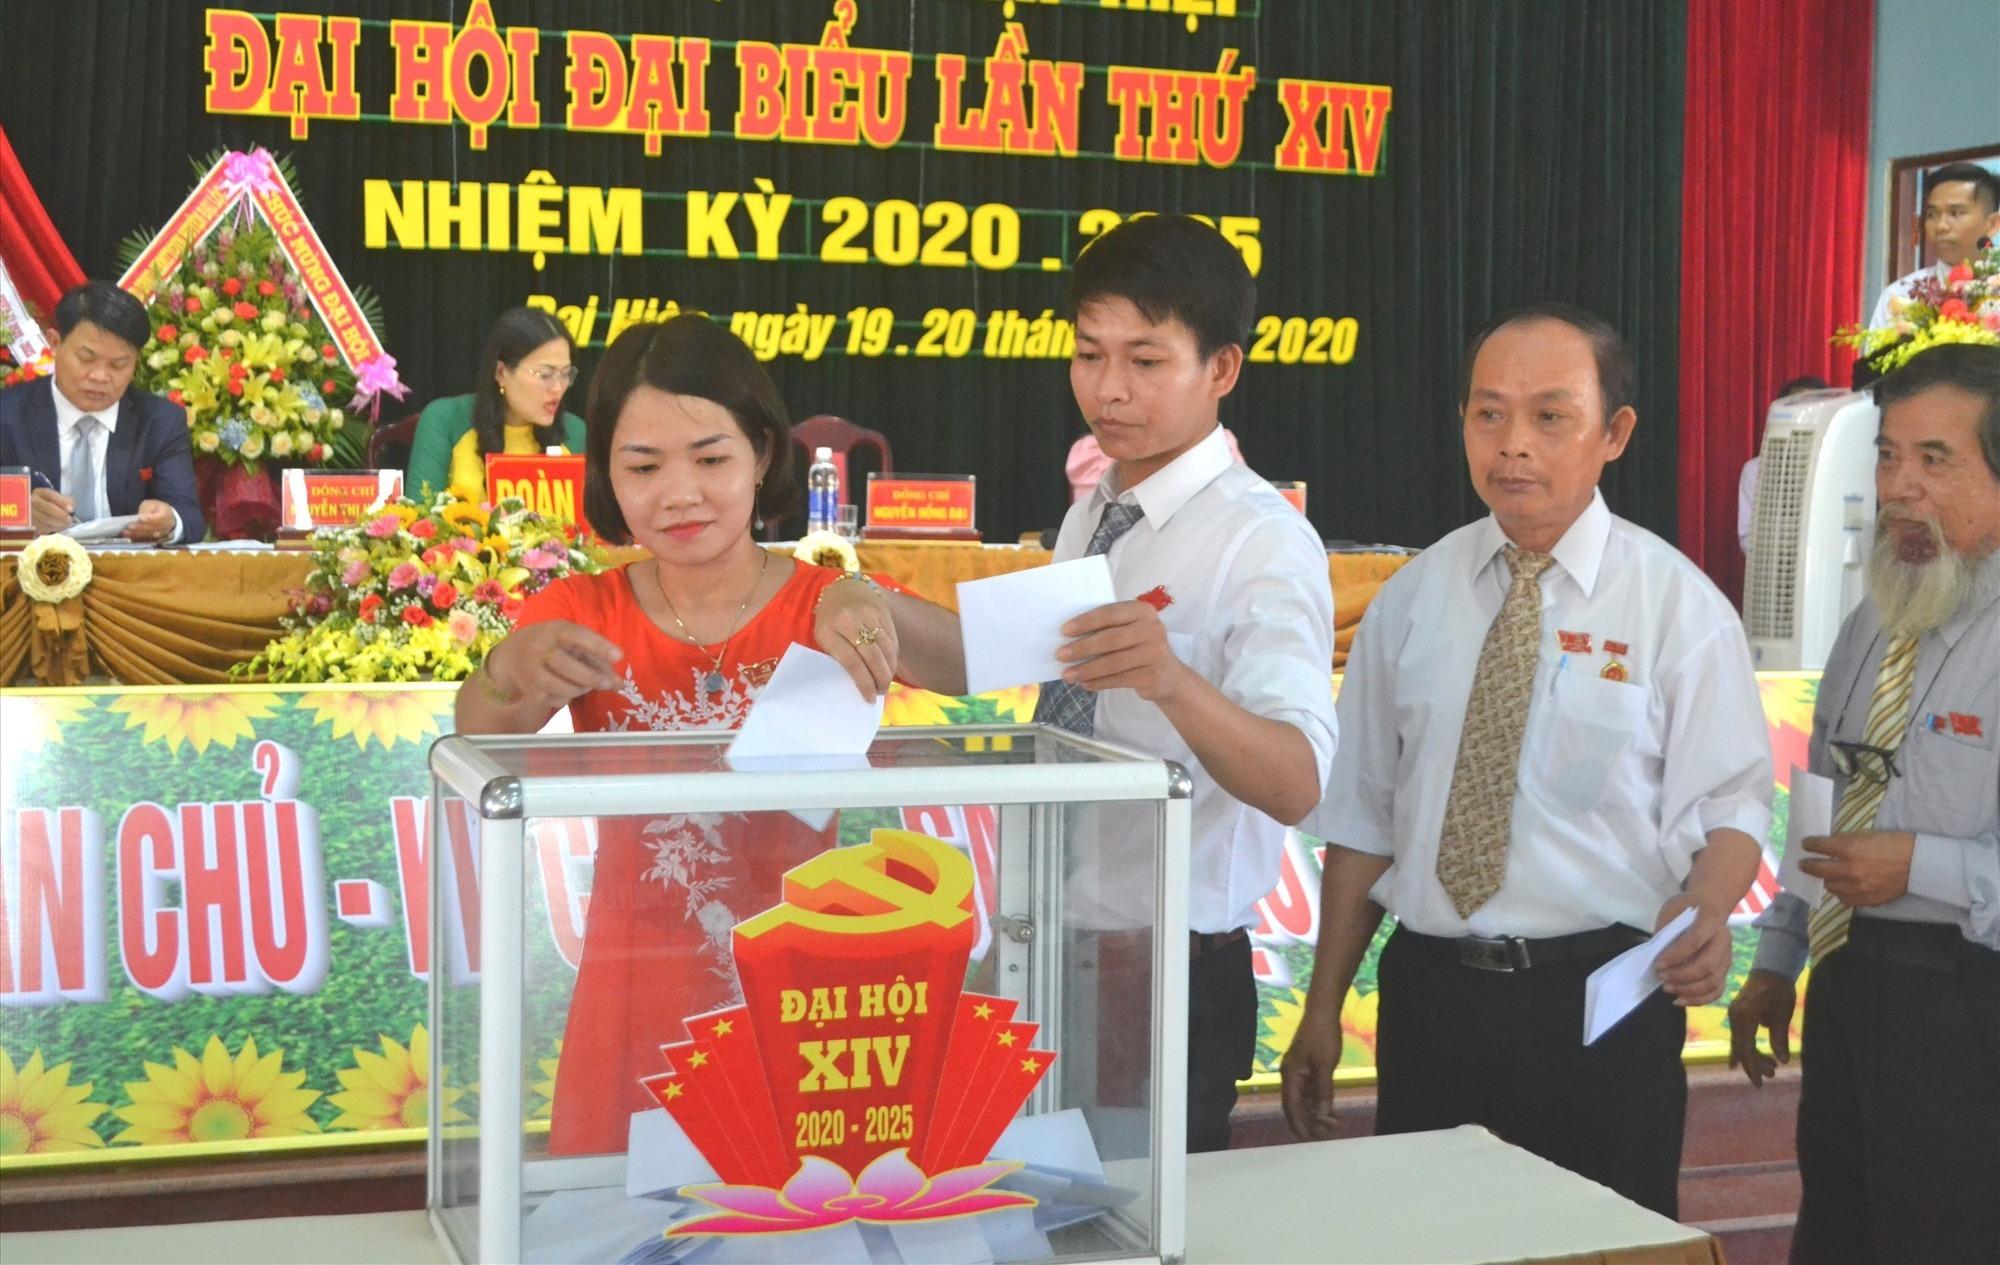 Bầu cử Ban Chấp hành Đảng bộ xã nhiệm kỳ 2020-2025. Ảnh: CT